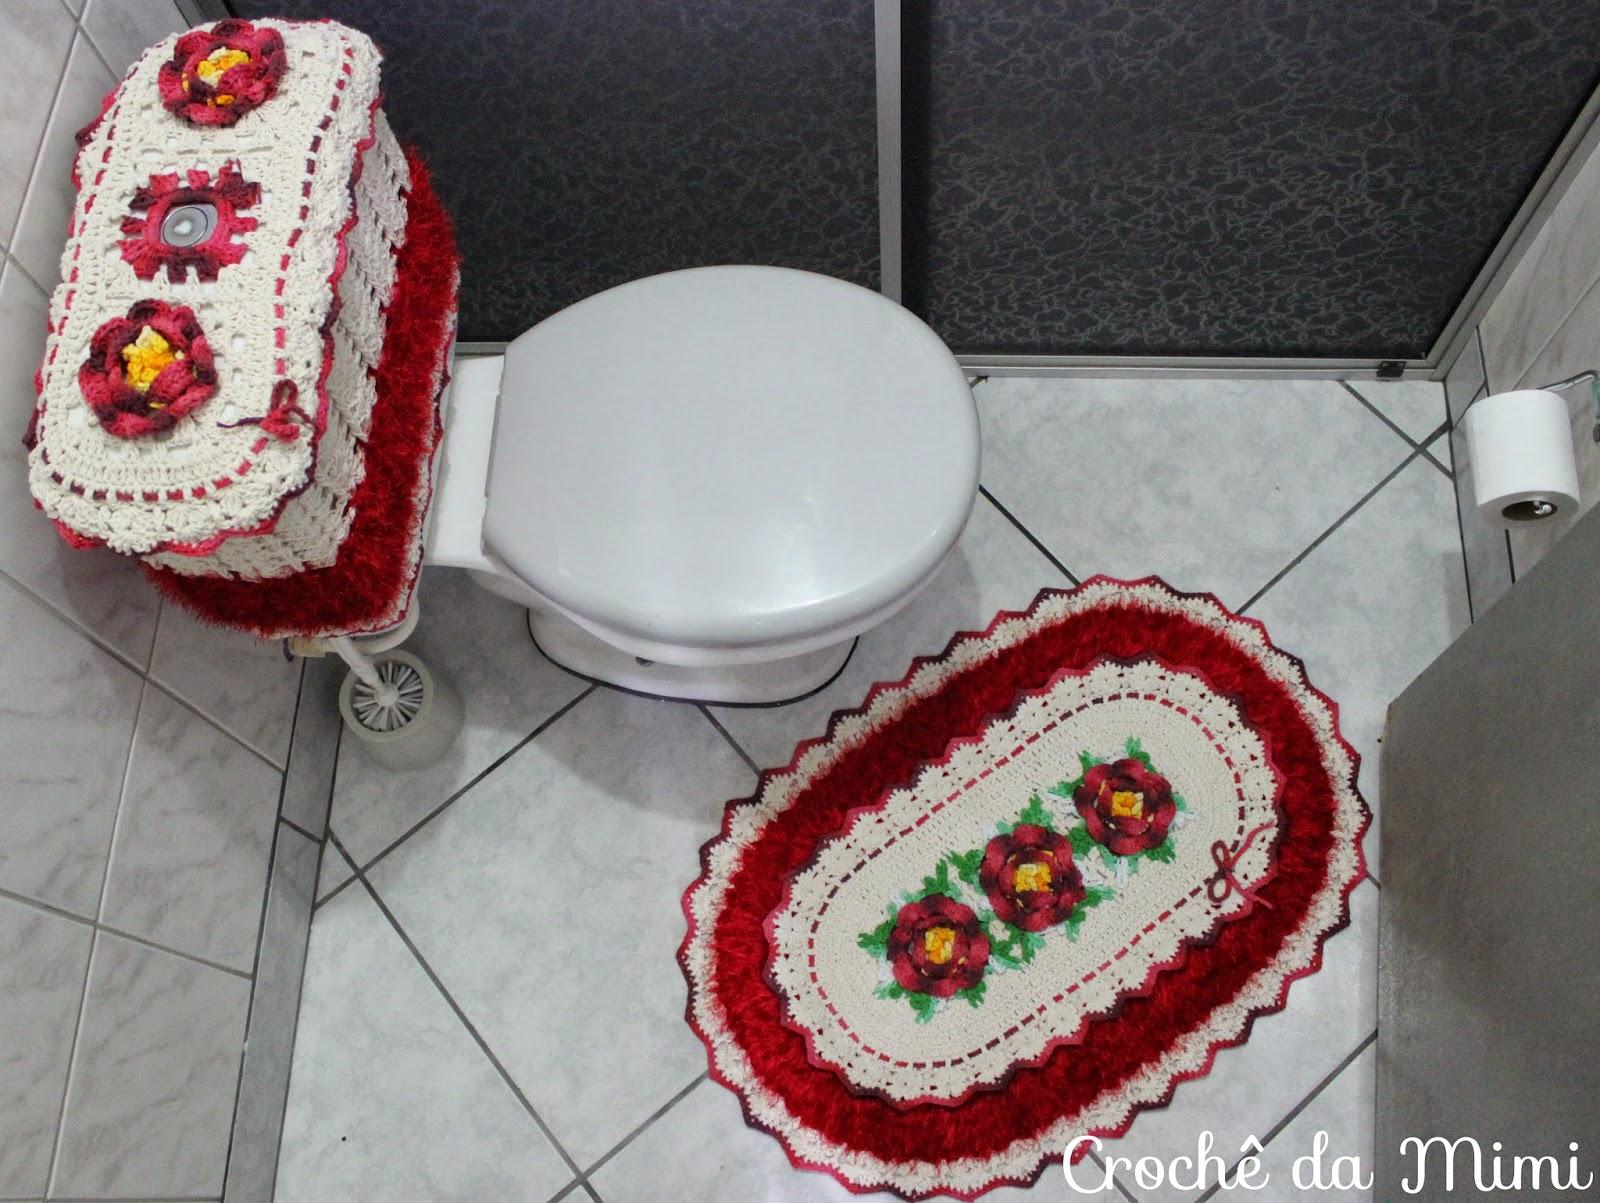 Jogo de banheiro oval com bico duplo ~ Crochê da Mimi -> Jogo De Banheiro Oval Simples Com Grafico